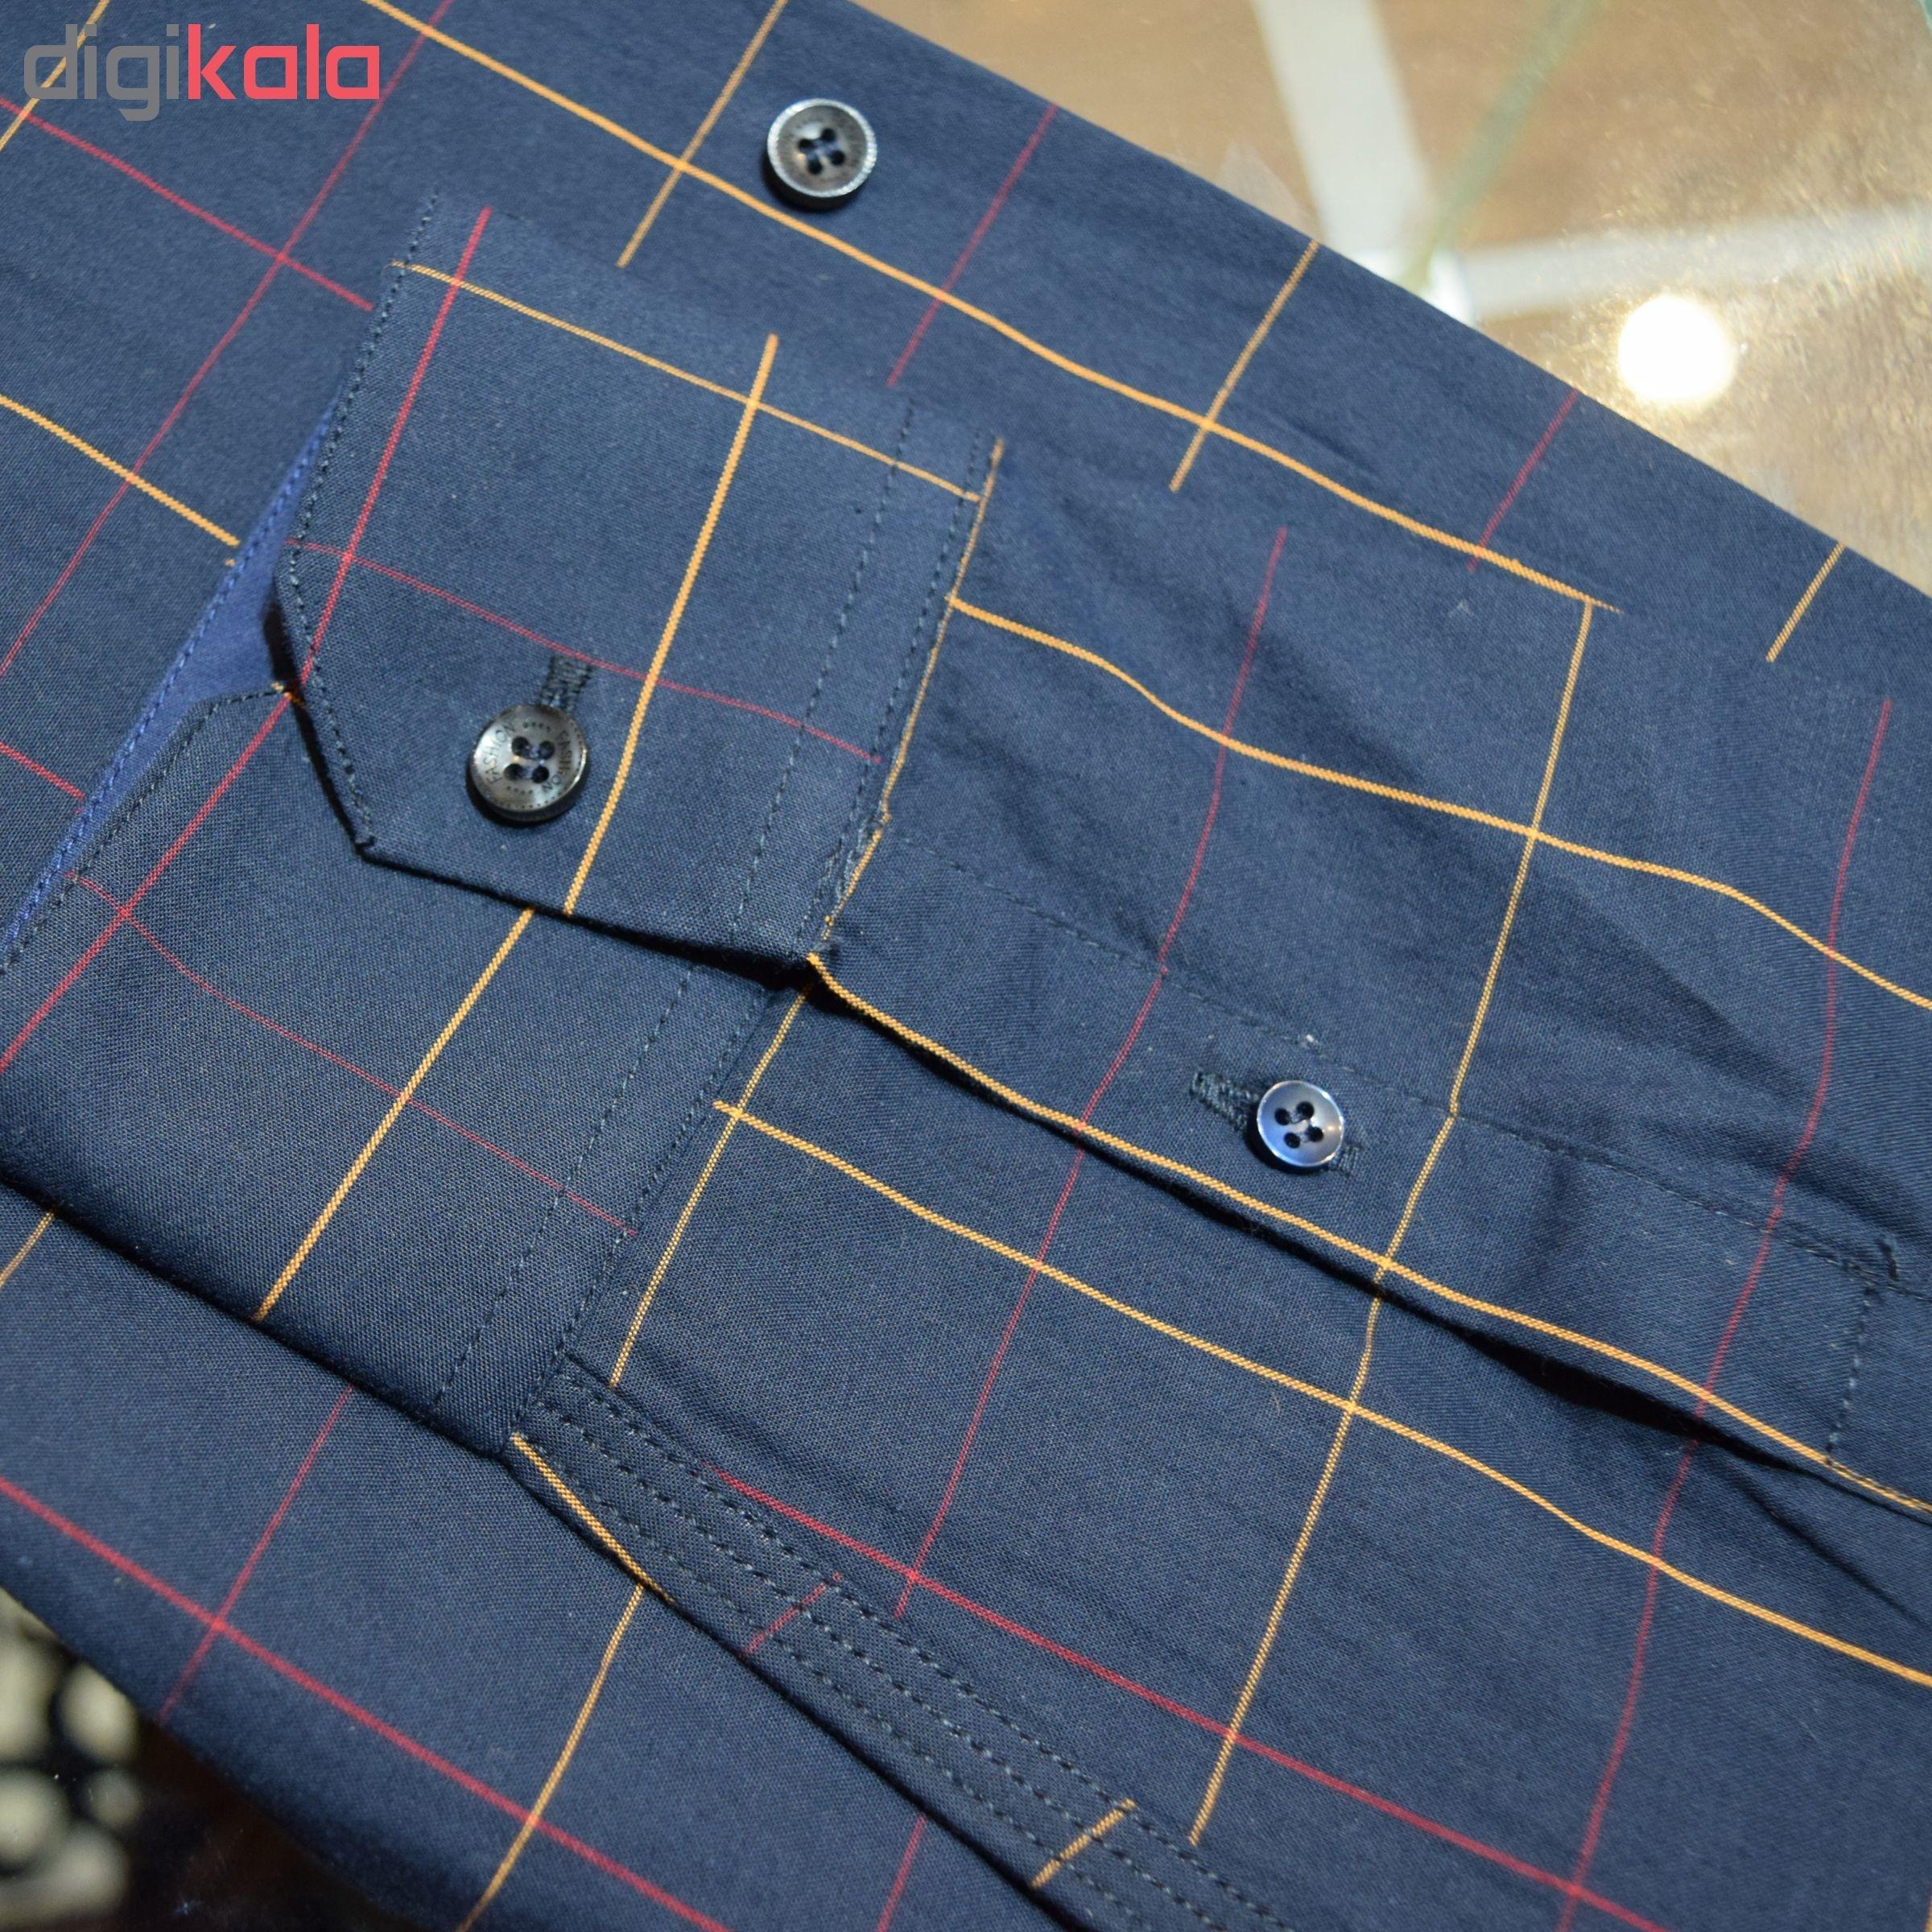 پیراهن مردانه پایتی جامه کد 1870977 main 1 4